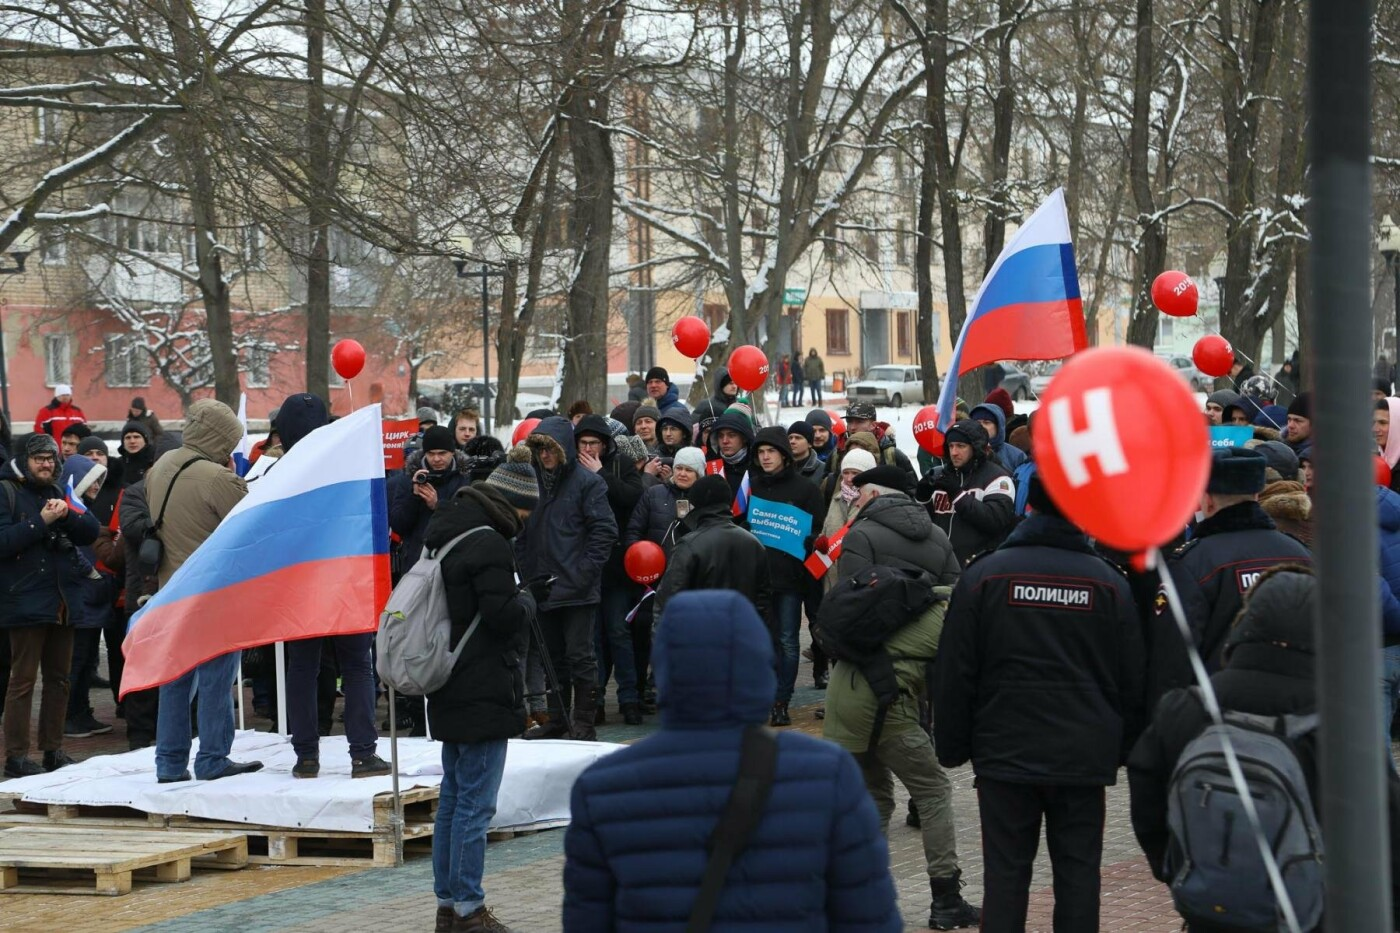 В Белгороде у Дома офицеров прошла «забастовка избирателей» — фоторепортаж, фото-14